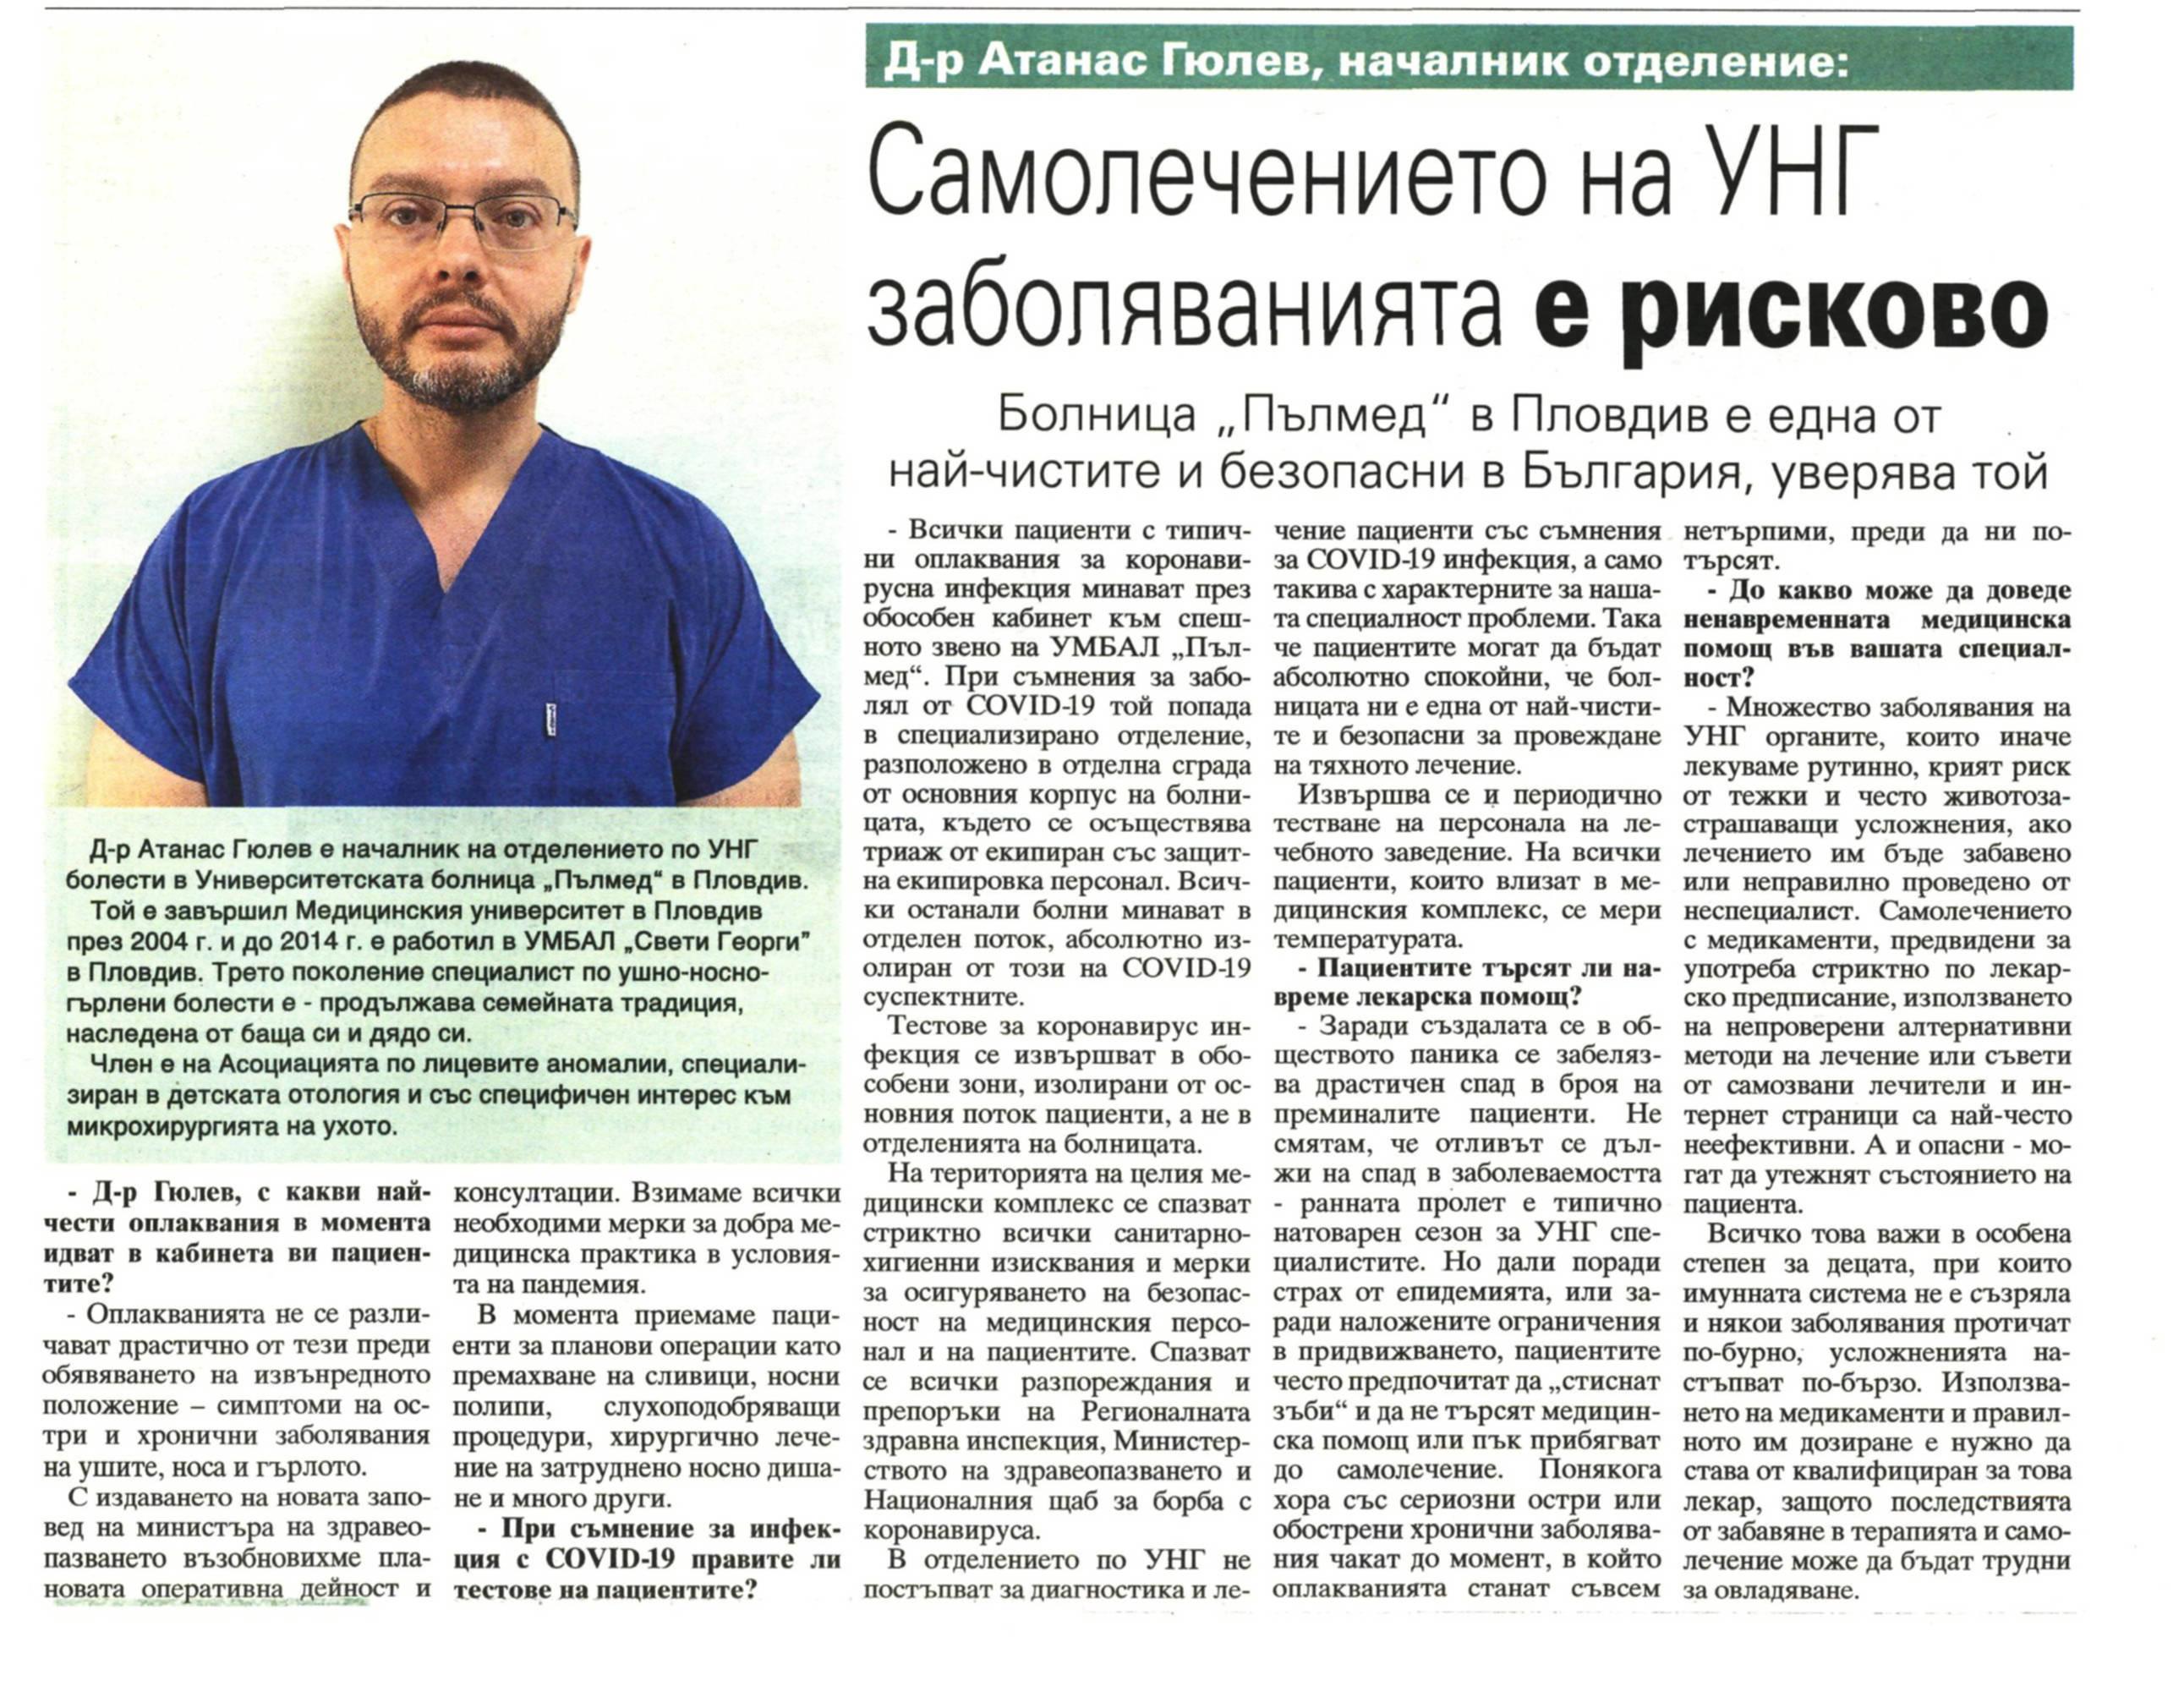 """Д-р Атанас Гюлев, началник на УНГ отделение в УМБАЛ """"Пълмед"""": Не отлагайте преглед при специалист заради страха от коронавирус."""